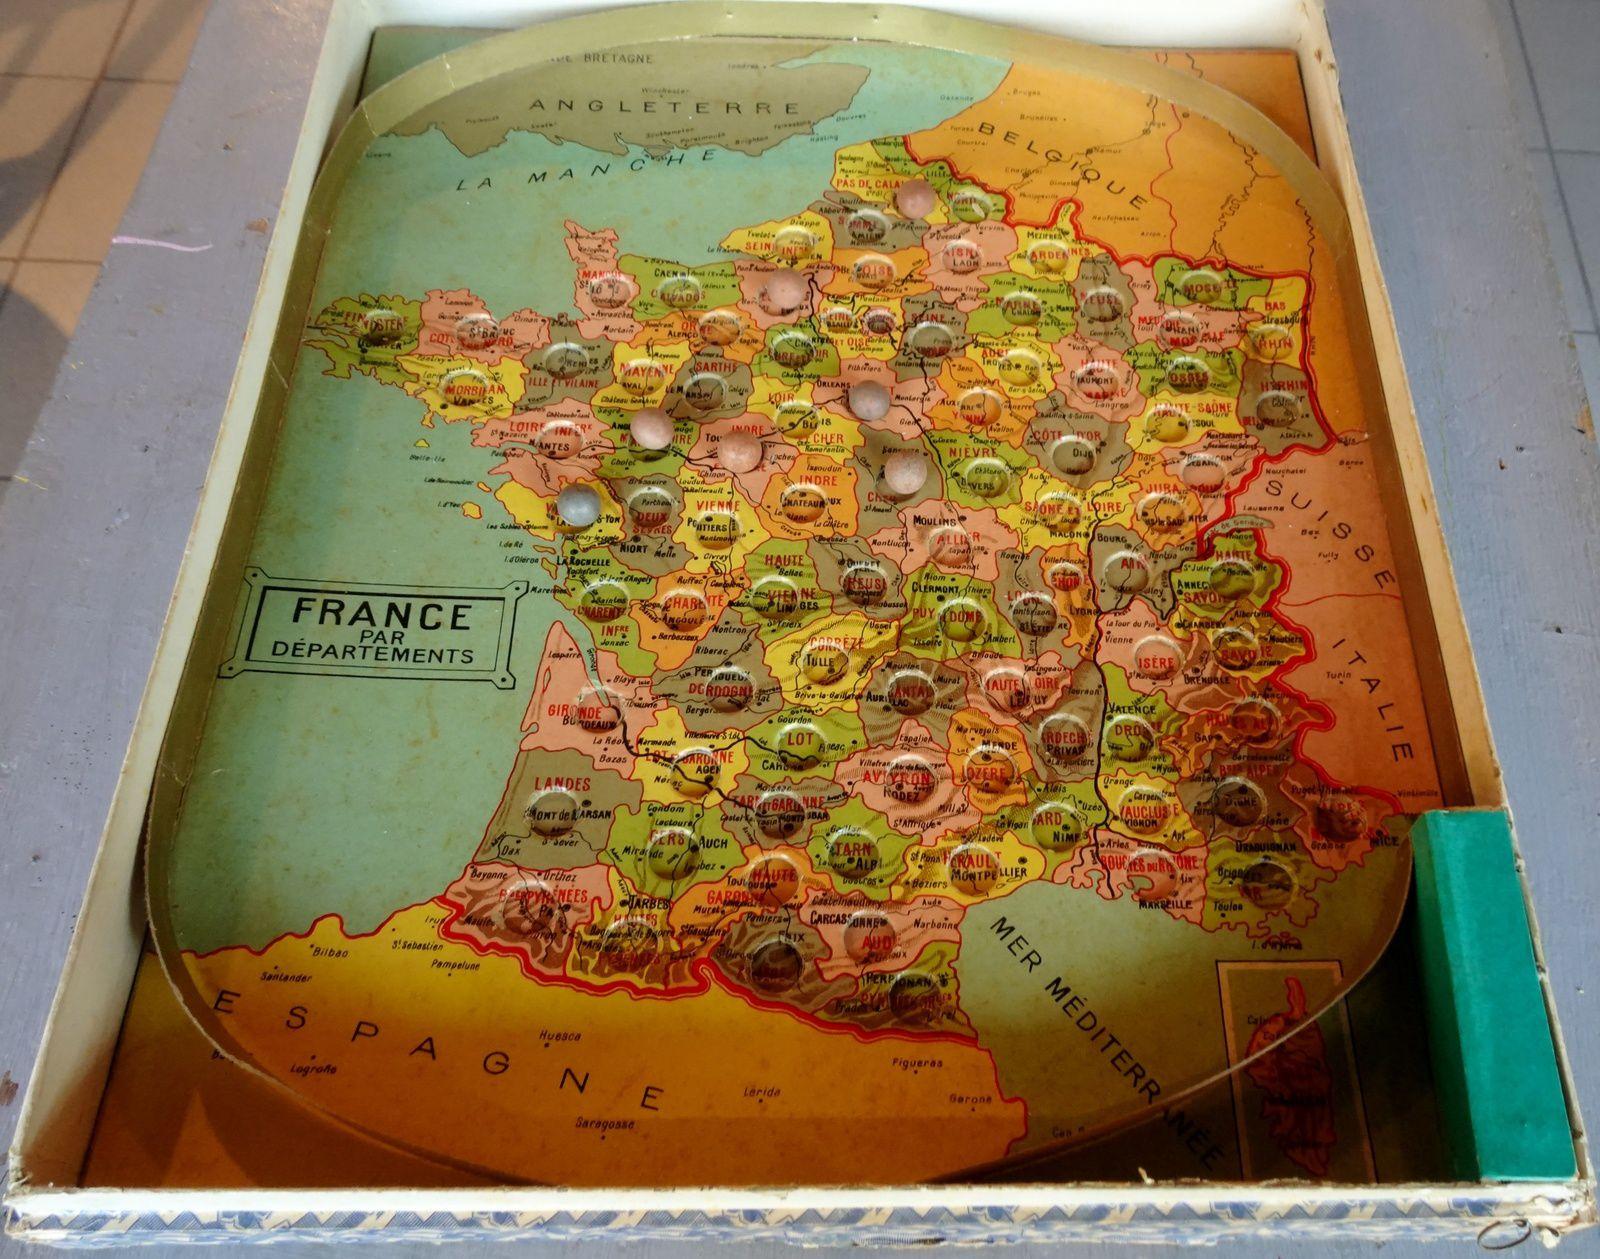 Y. Les Jeux D'etienne - Collection De Jeux Anciens concernant Jeux Geographique Ville De France